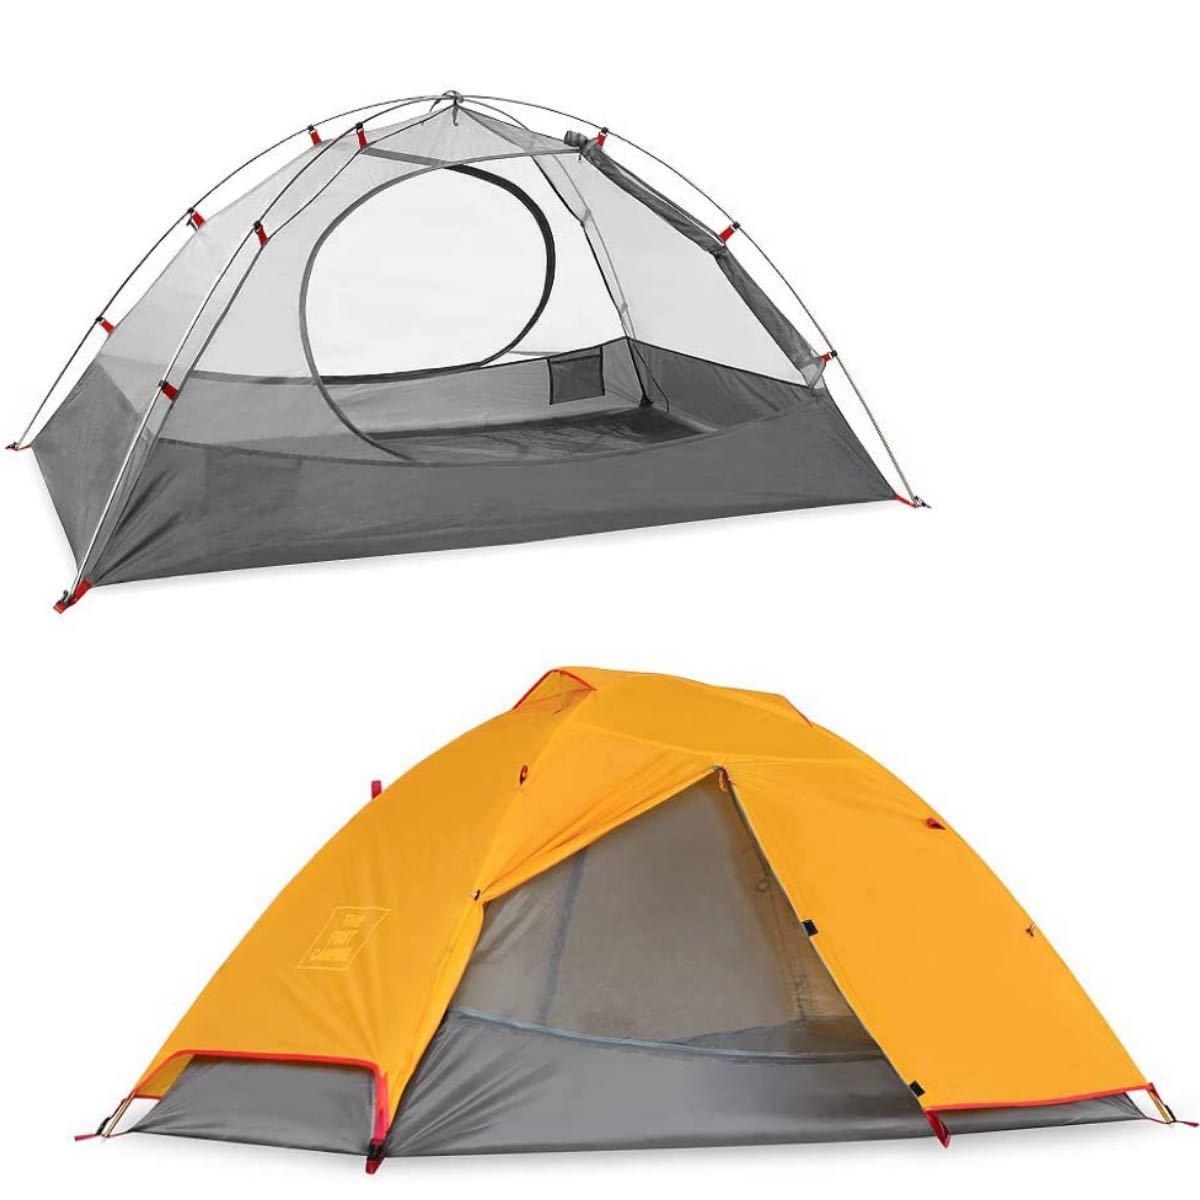 SKYLINK ドーム 2人用 テント ツーリング ソロ 1人用 テント ツーリングドーム ひとり用 超軽量 テント